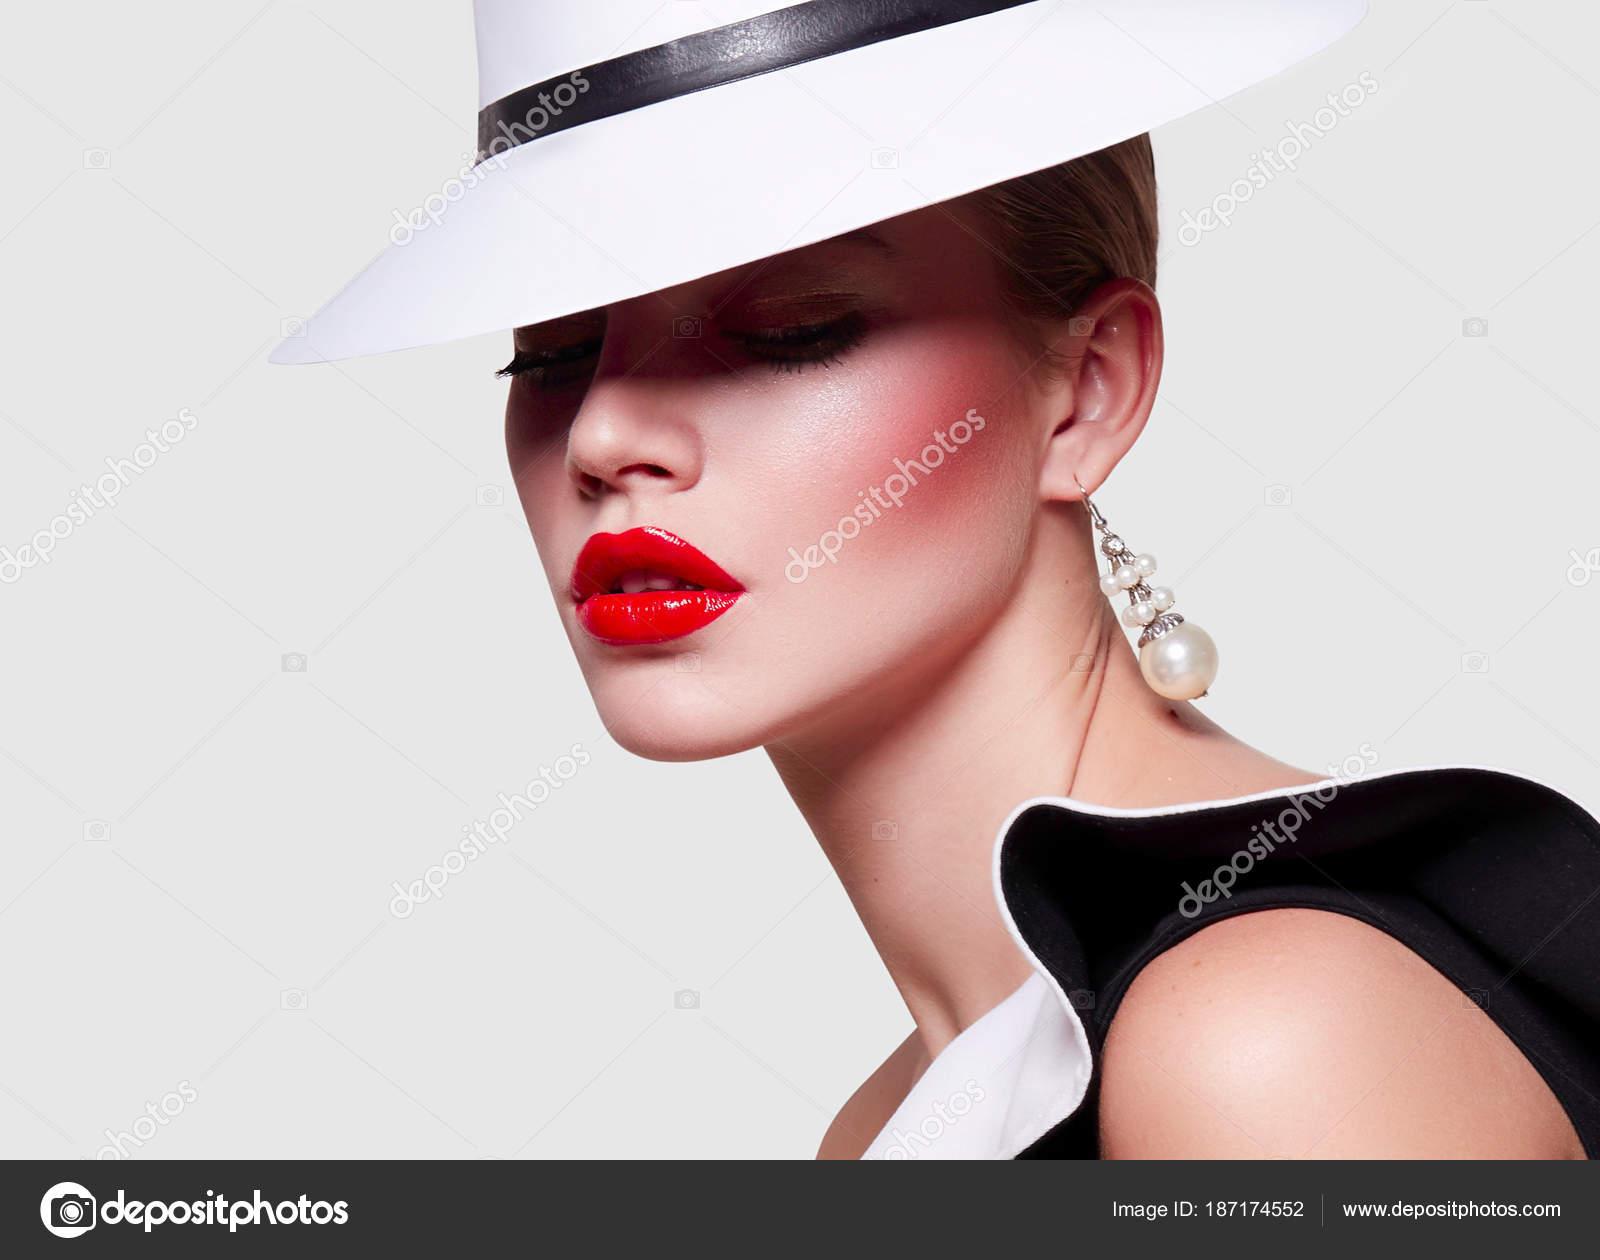 343c53e68615 Bella giovane ragazza elegante in un abito bianco e un abito nero con  valans. Ritratto su priorità bassa bianca. Trucco luminoso - labbra rosse